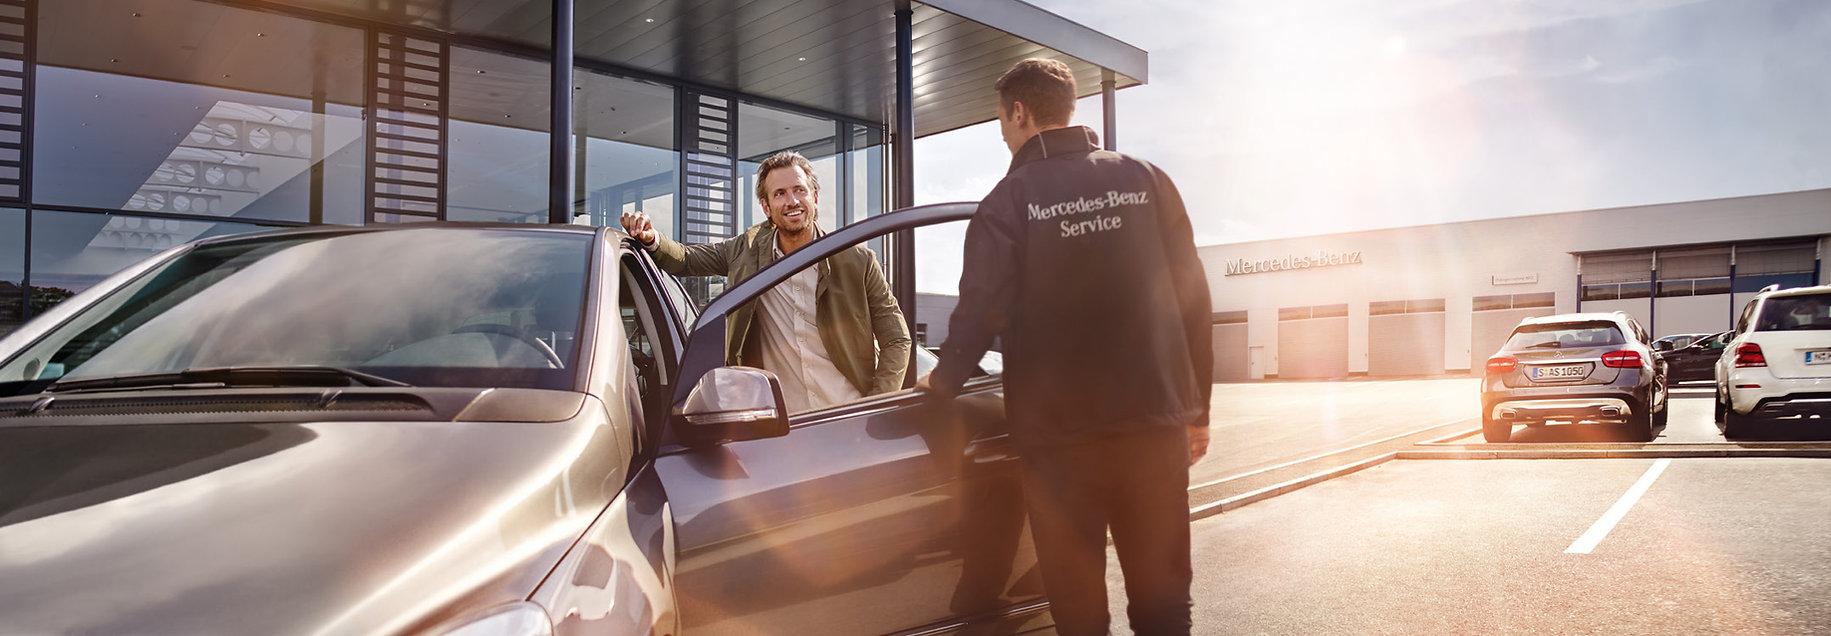 Mercedes Benz bogota